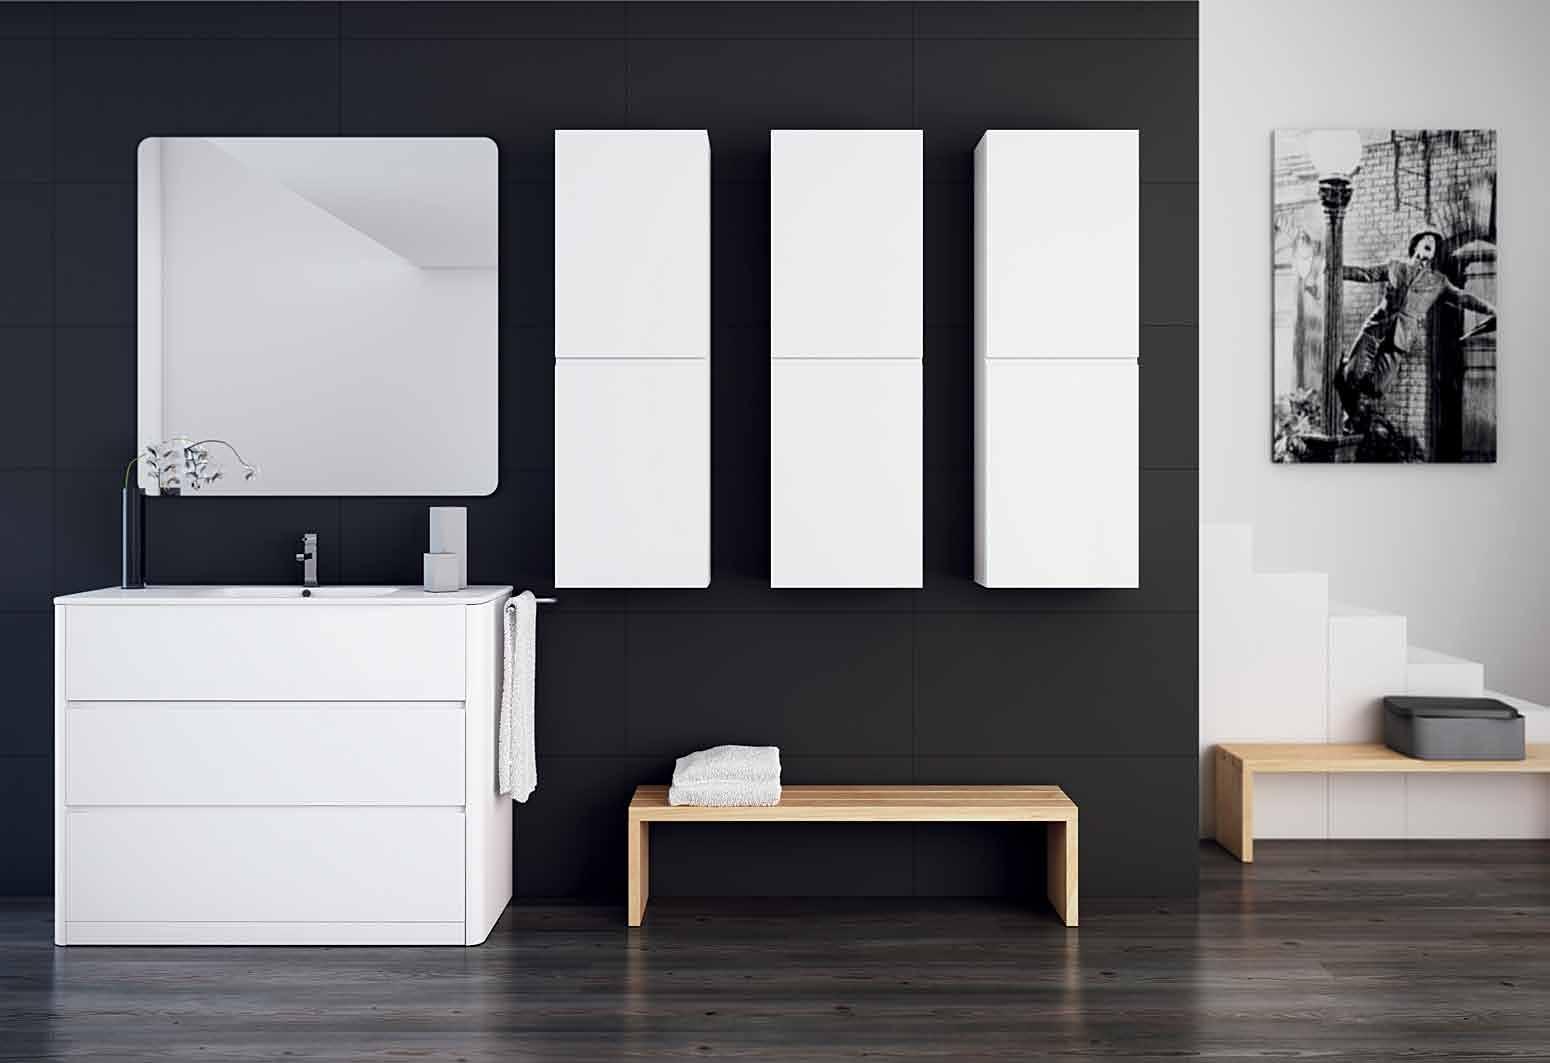 Cuartos de baño modernos en Pozuelo de Alarcón